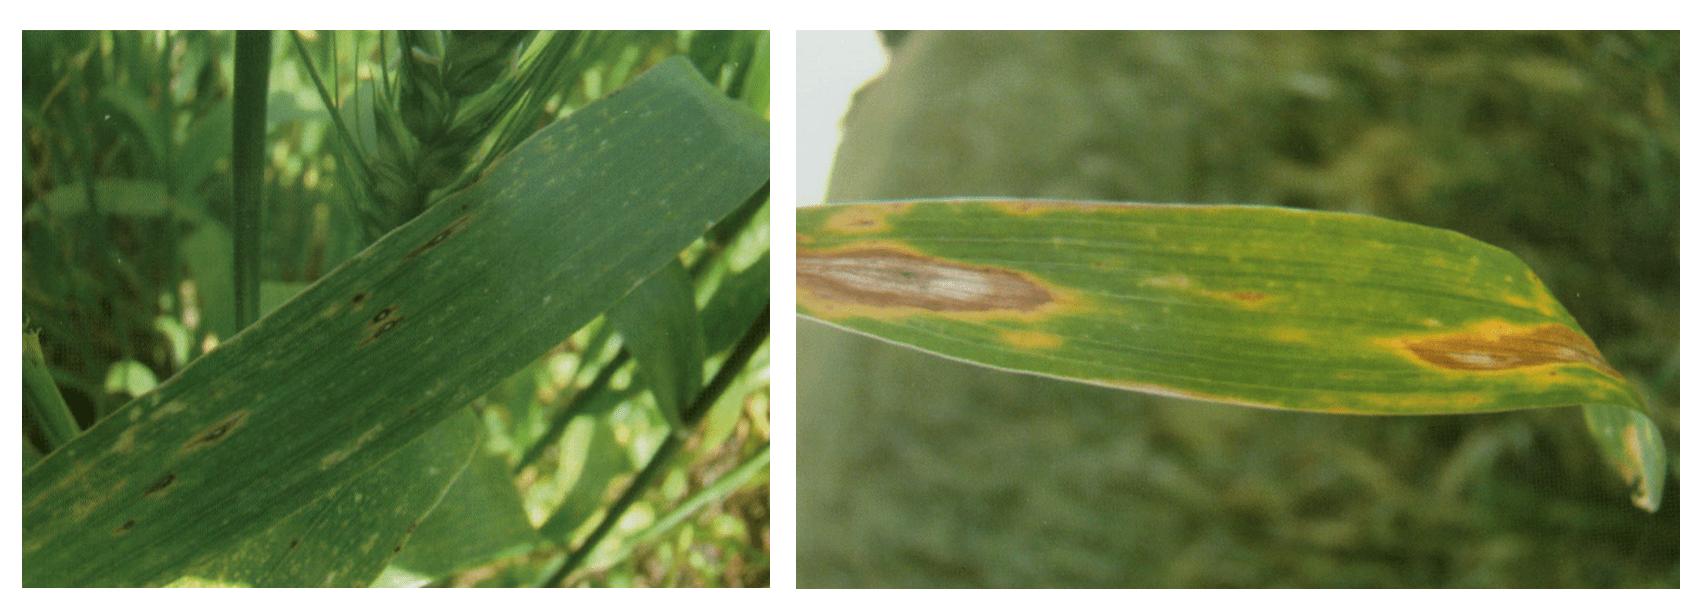 Sintoma da Mancha Marron e Mancha Amarela em folhas de trigo